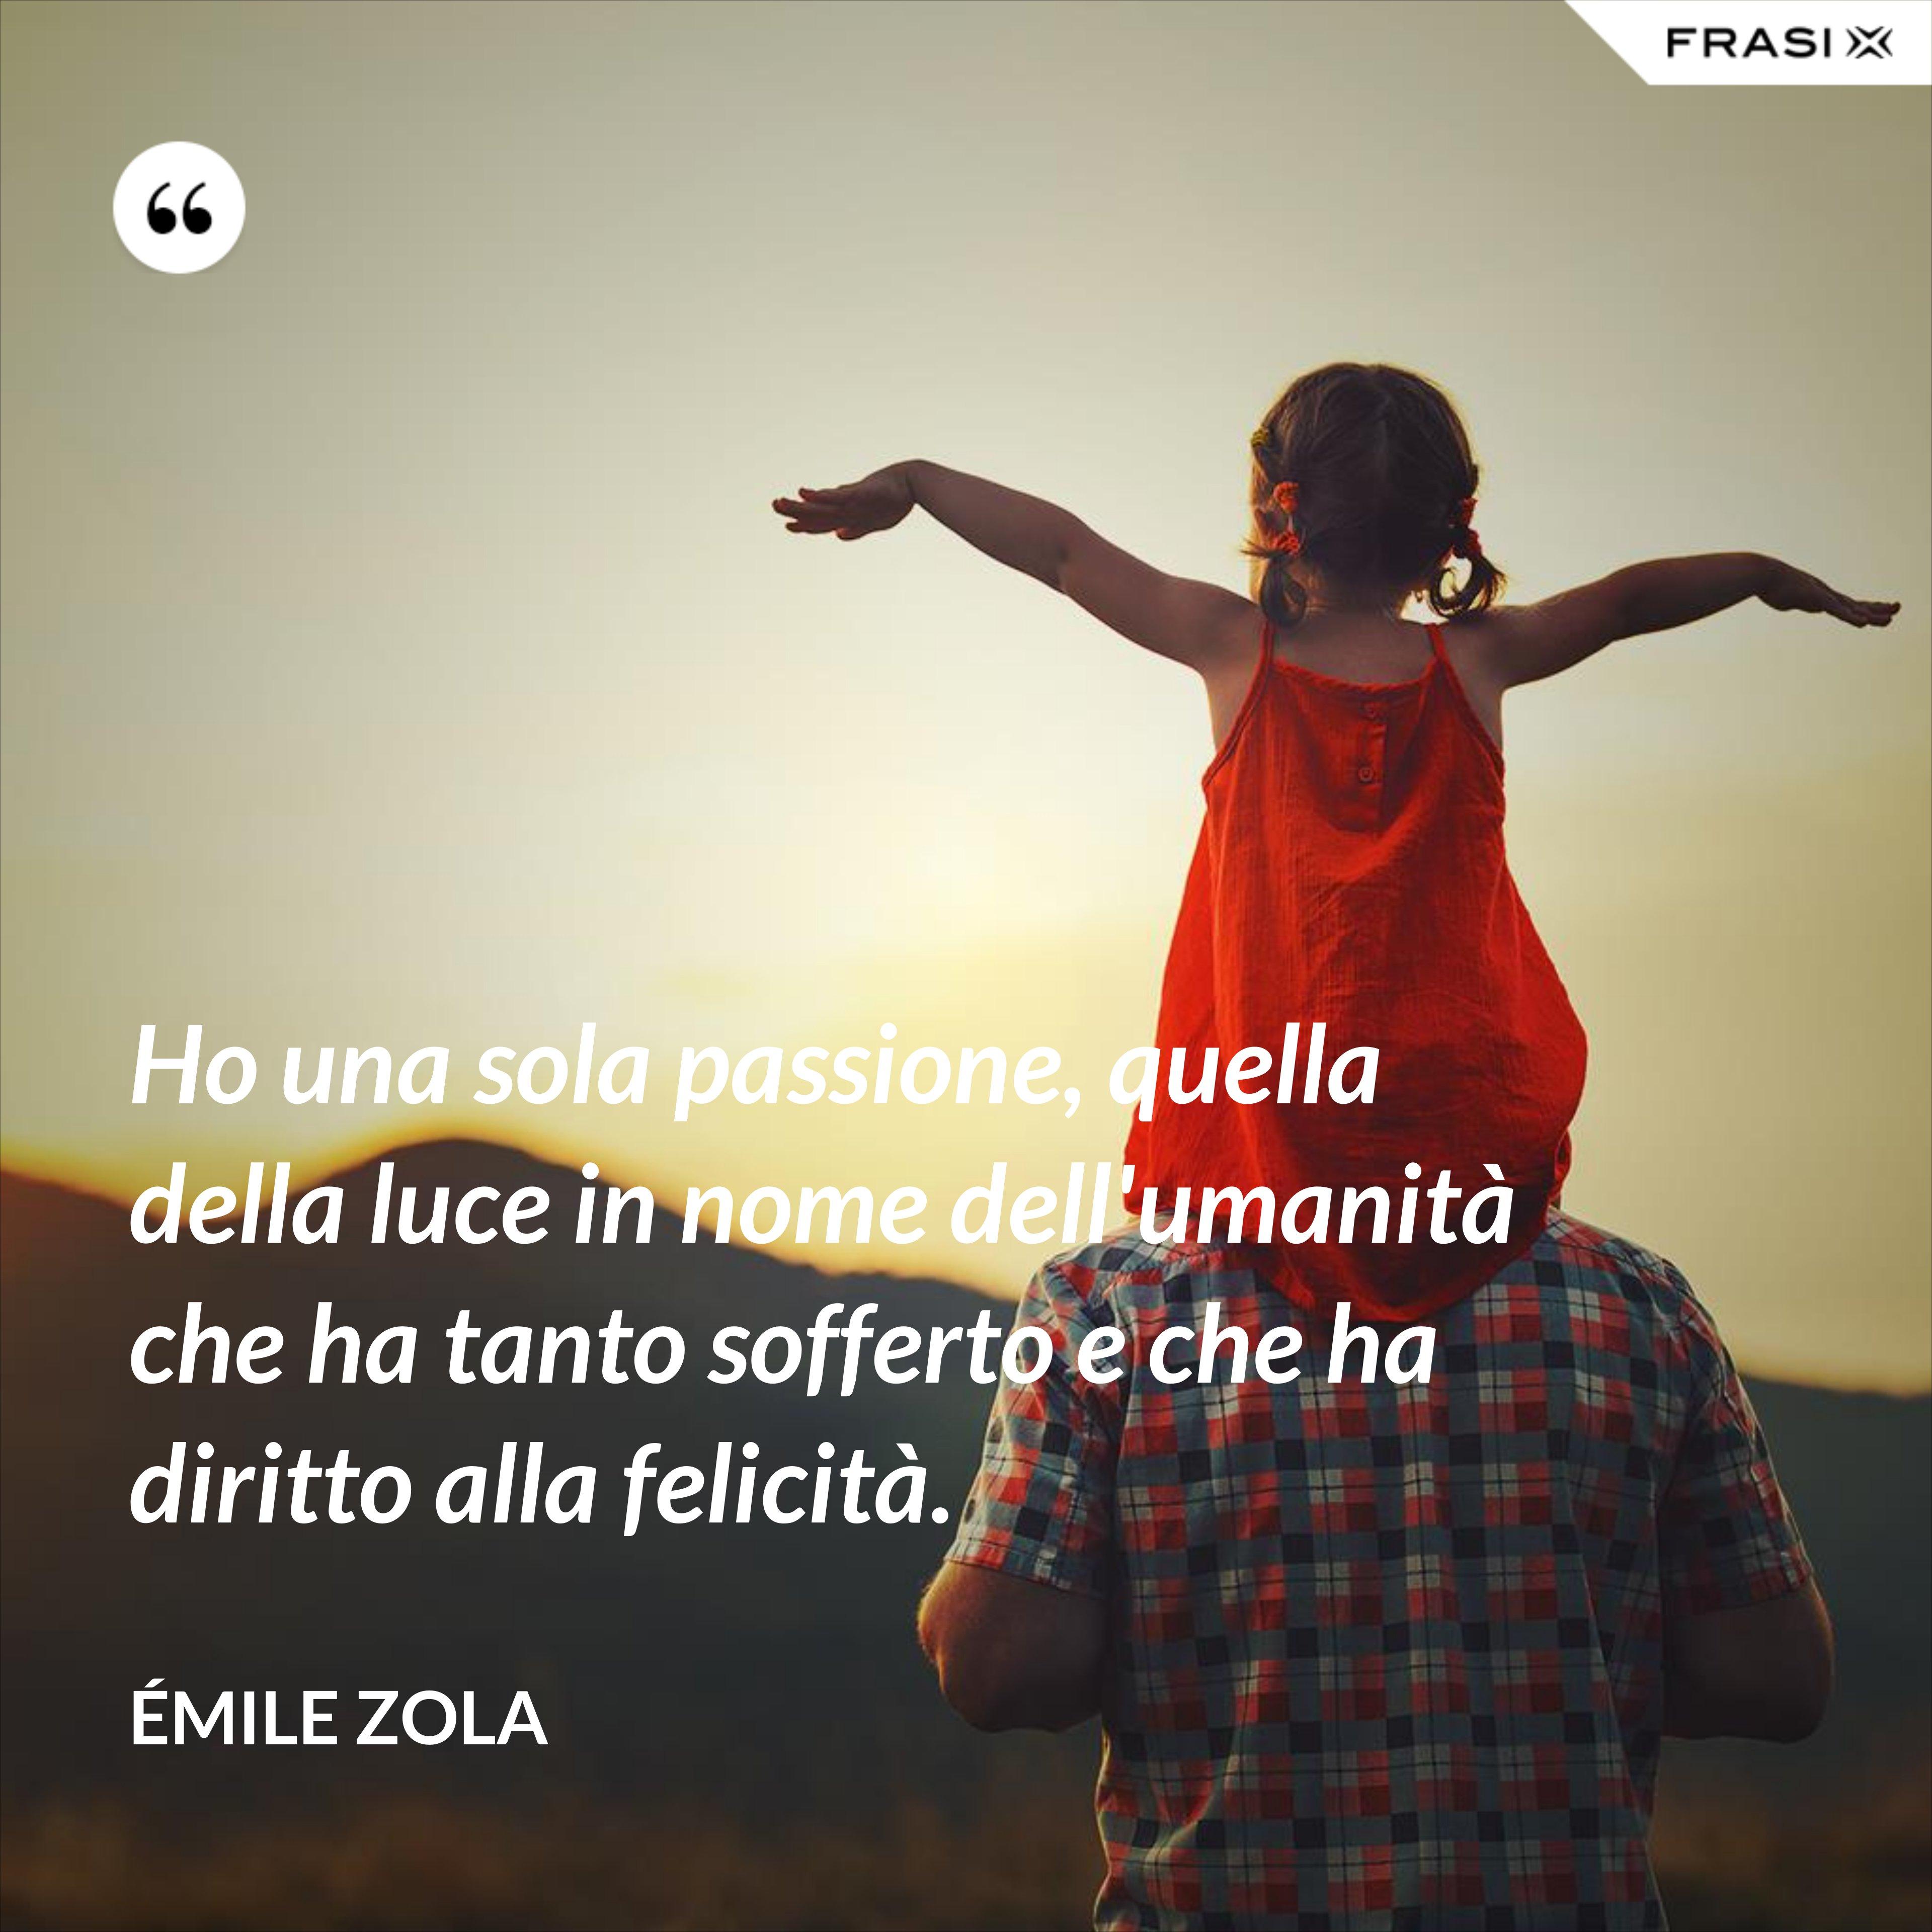 Ho una sola passione, quella della luce in nome dell'umanità che ha tanto sofferto e che ha diritto alla felicità. - Émile Zola